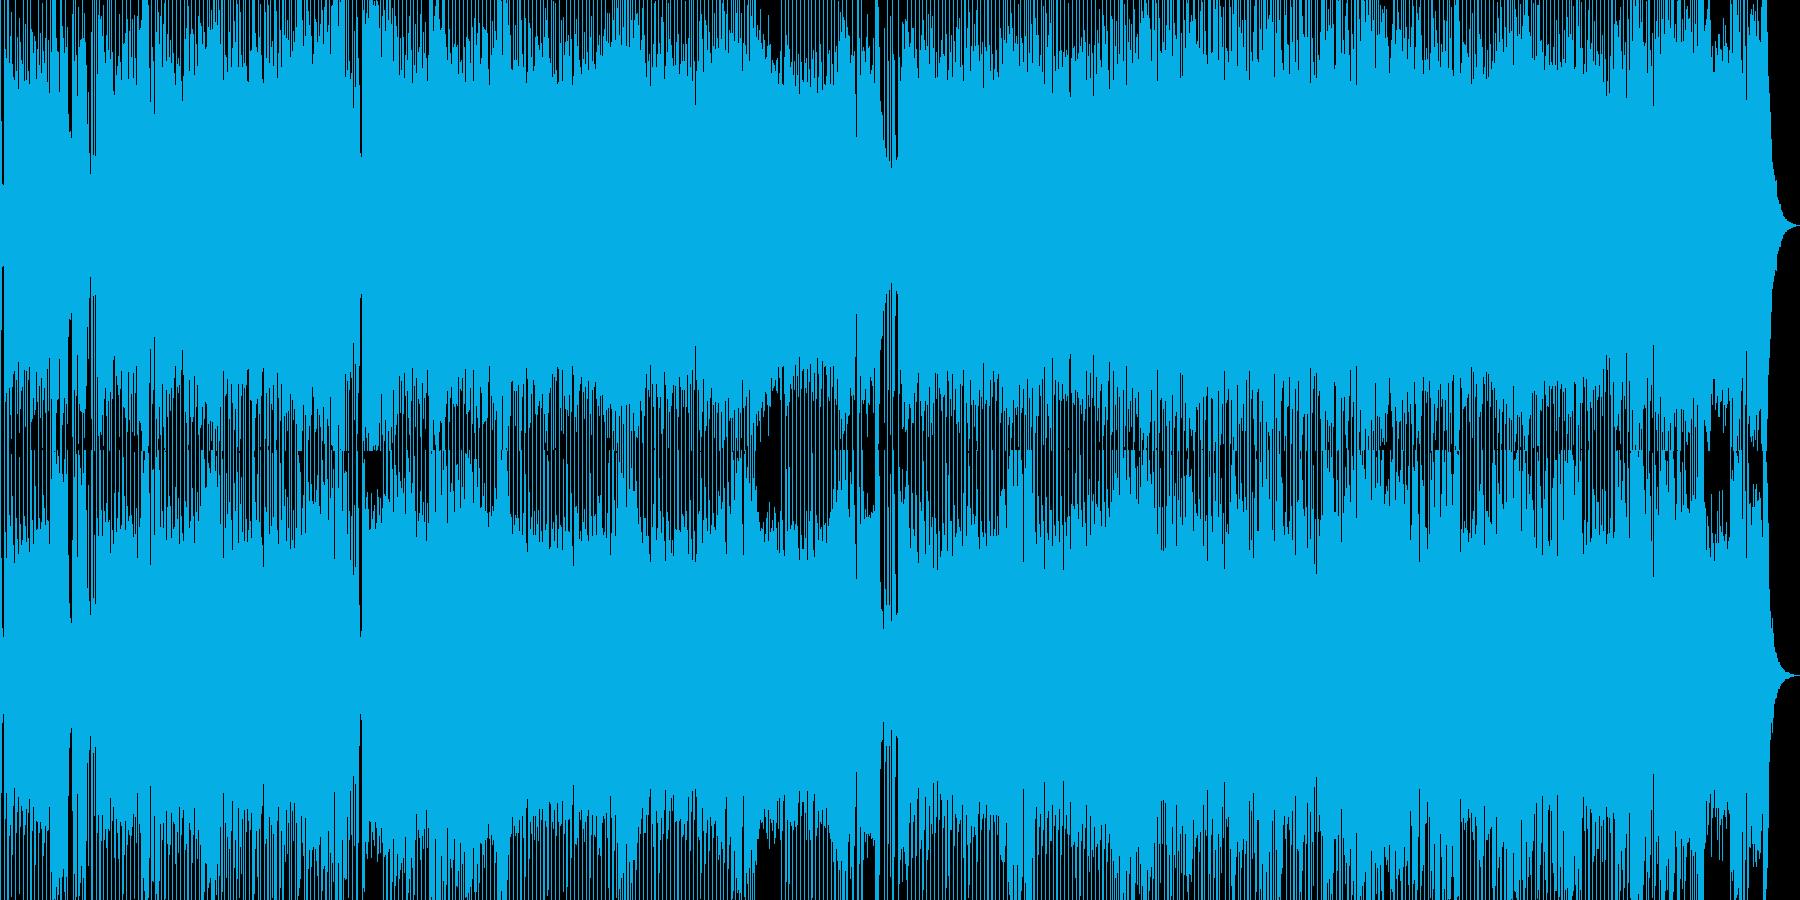 メイクアップ、平成初期のアニメの再生済みの波形